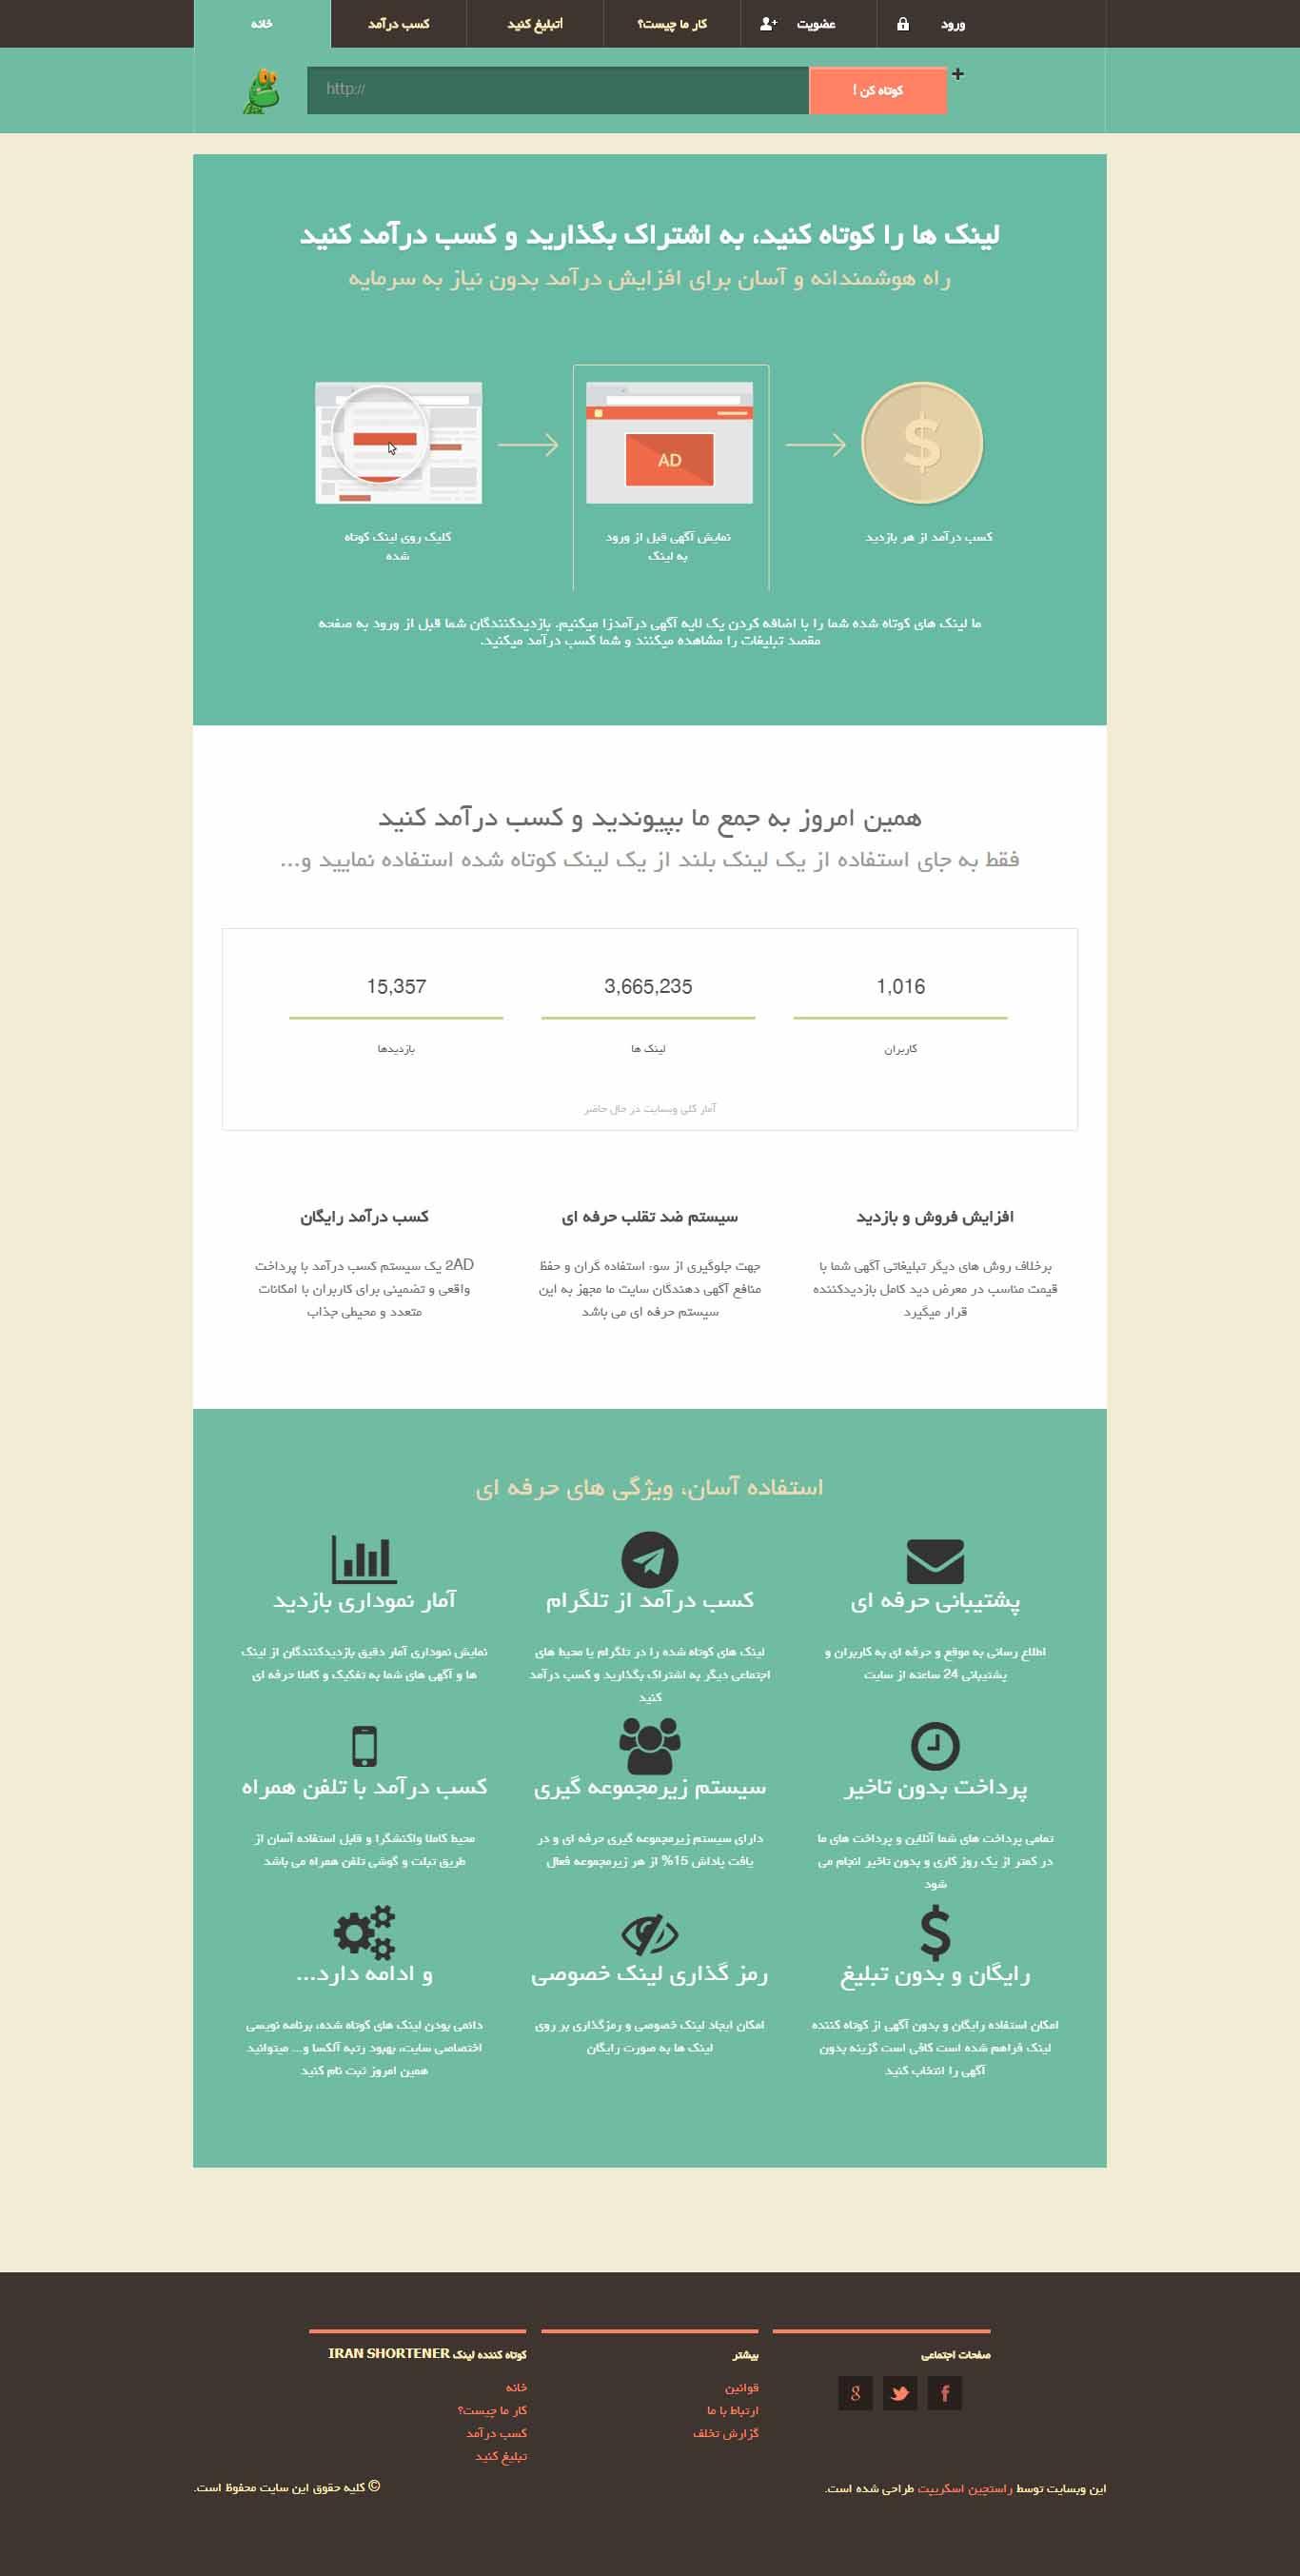 اسکریپت Iran | اسکریپت کوتاه کننده لینک ایران | Iran Shortener Script